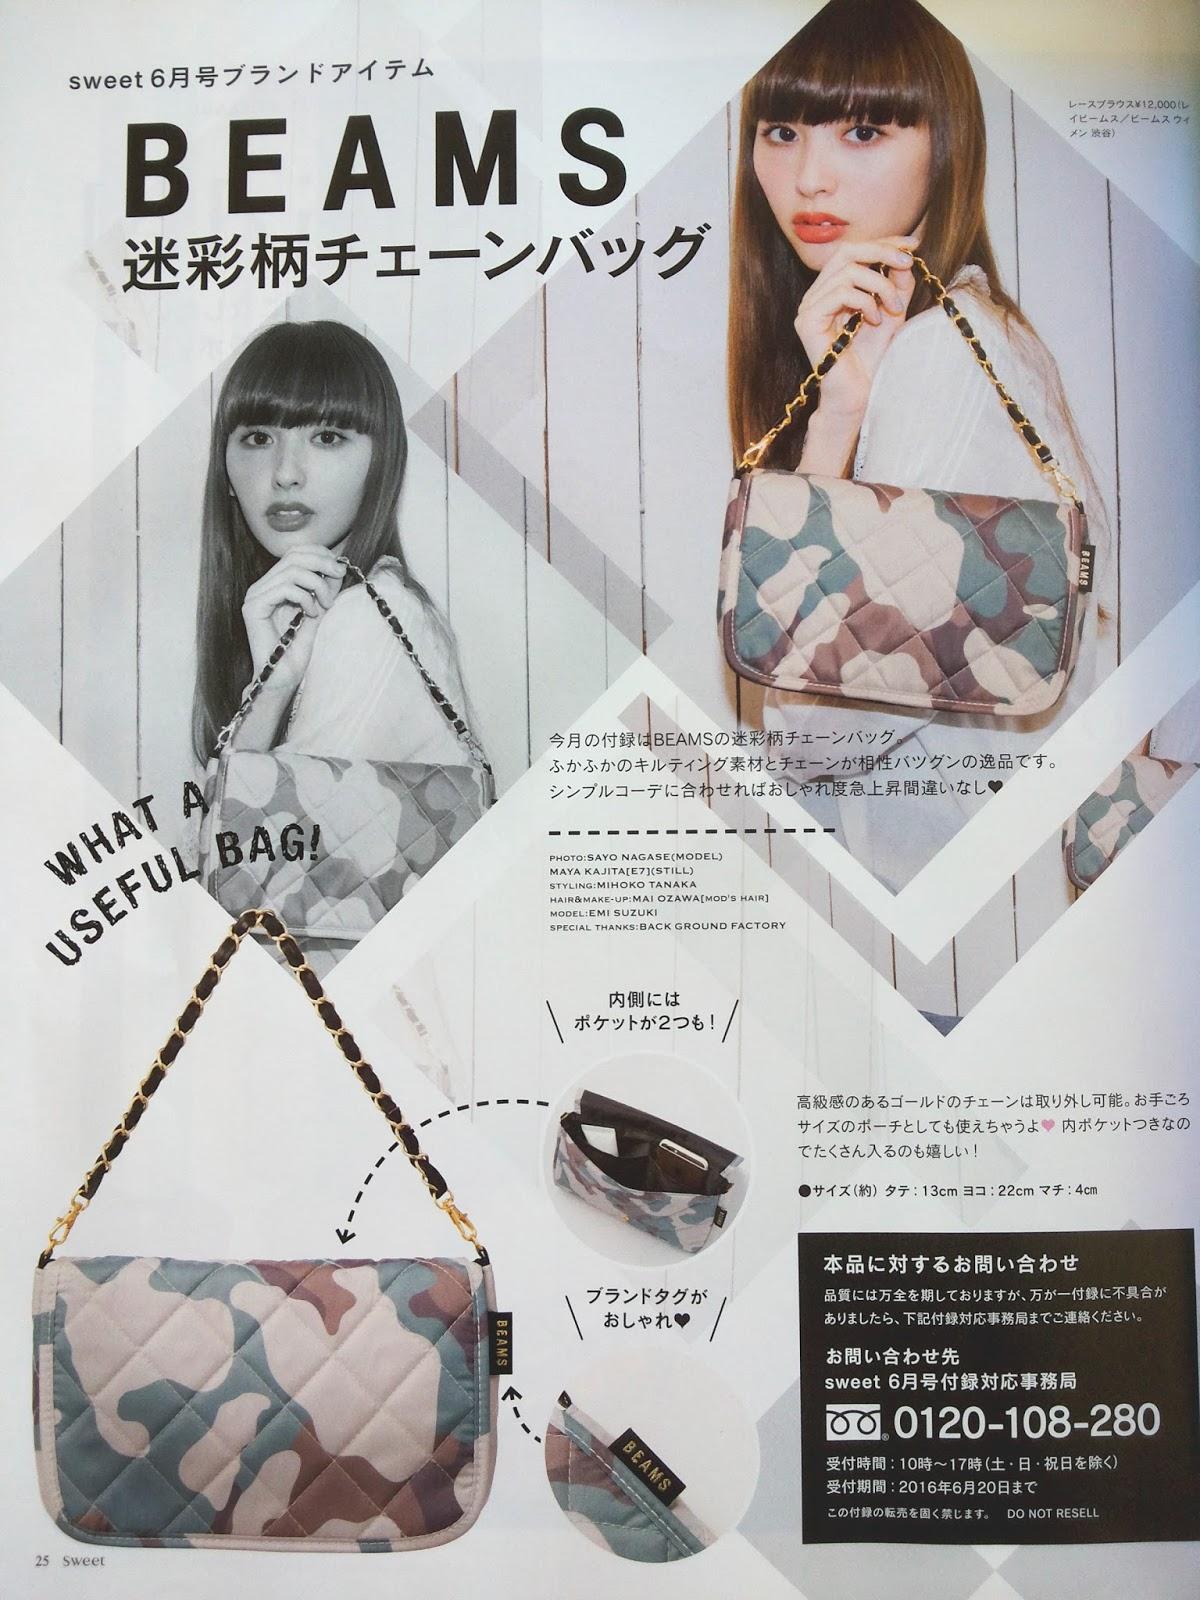 sweet japan scans